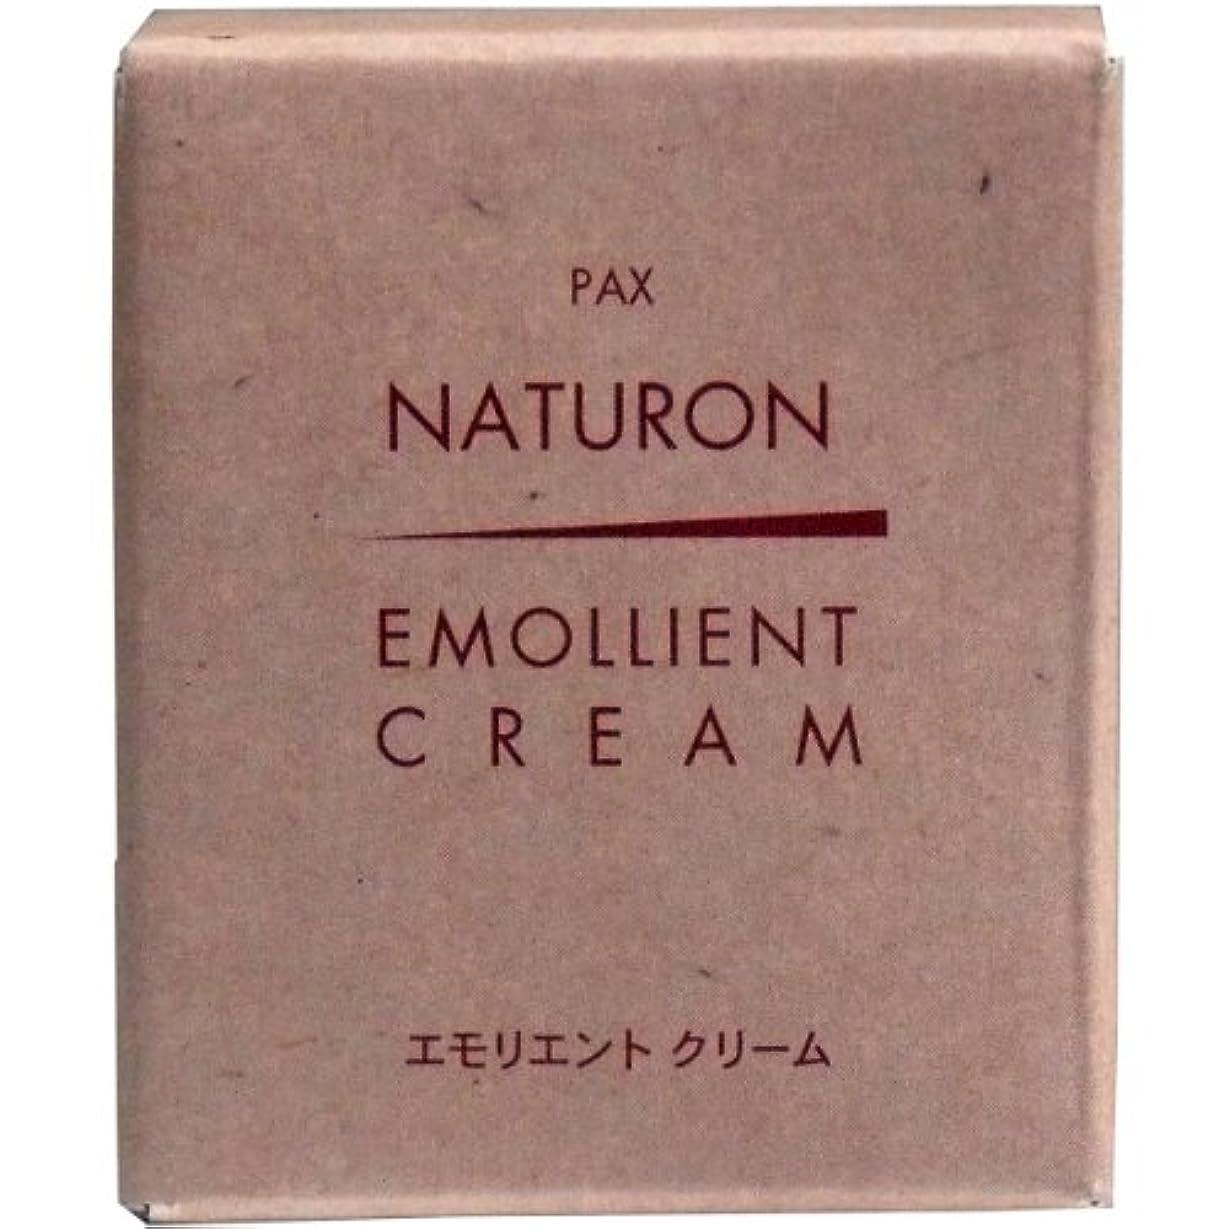 安西激しいまだら【セット品】パックスナチュロン エモリエントクリーム (保湿クリーム) 35g ×3個